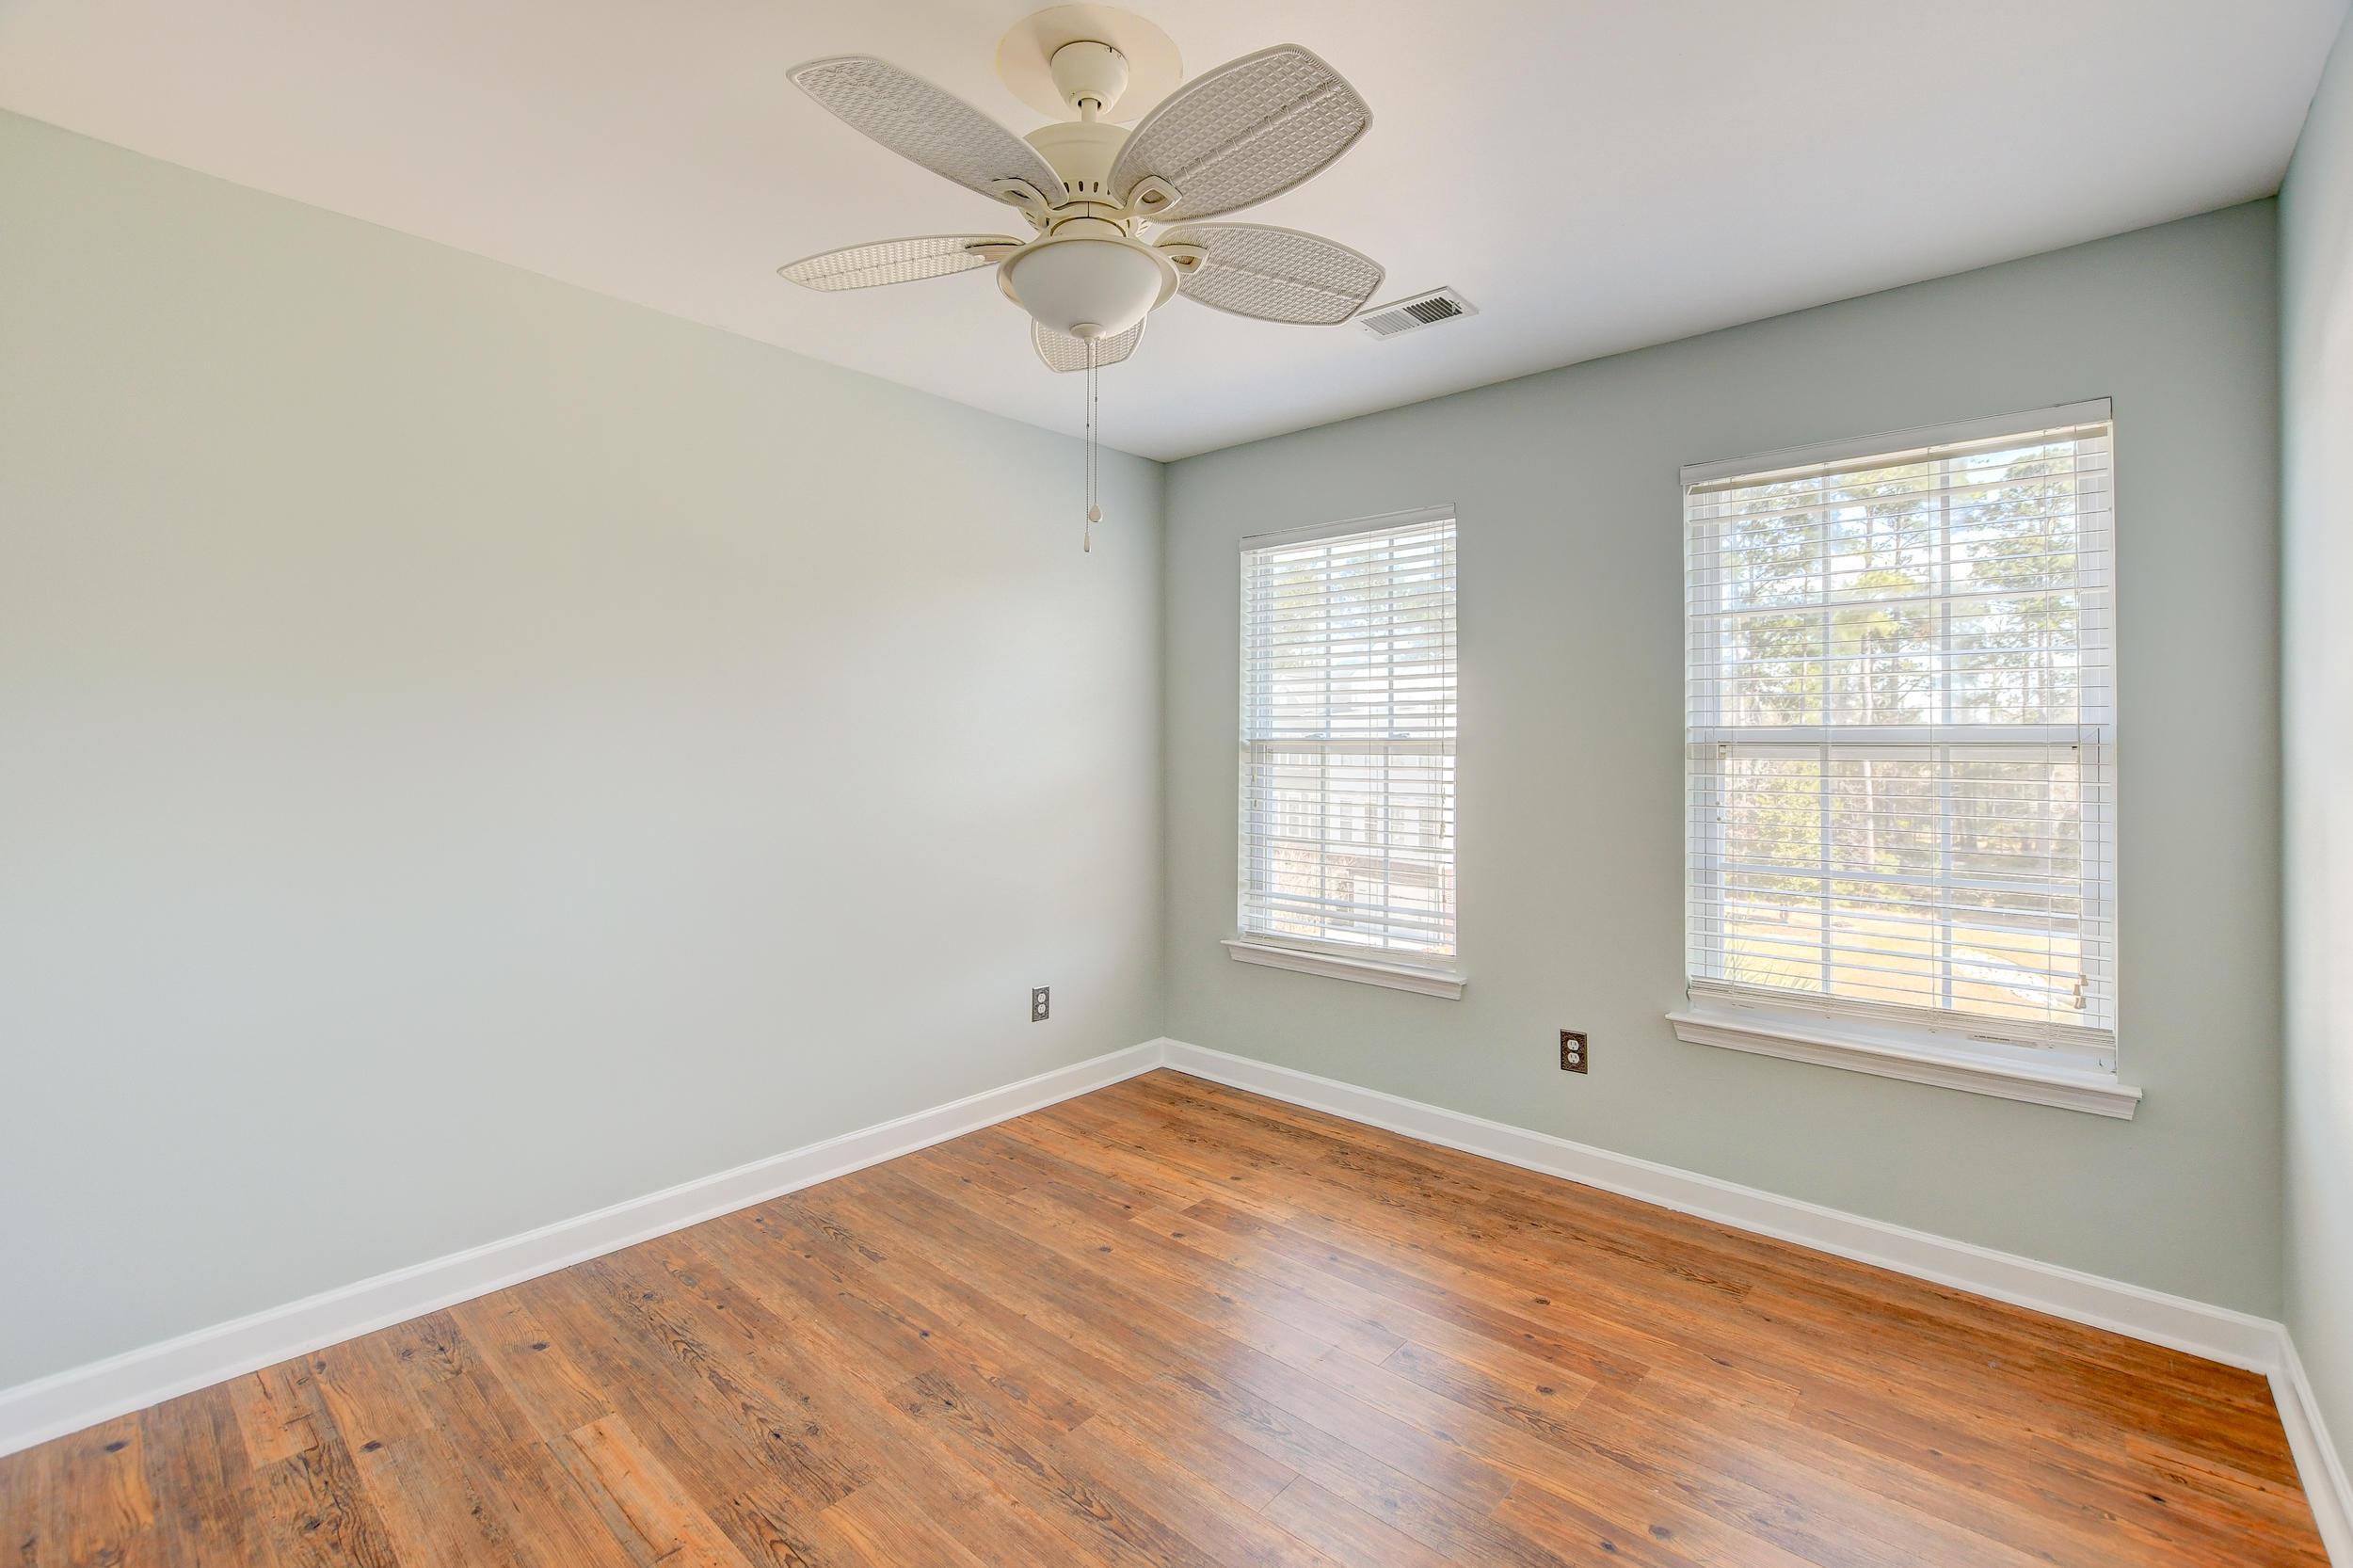 Park West Homes For Sale - 3545 Claremont, Mount Pleasant, SC - 20